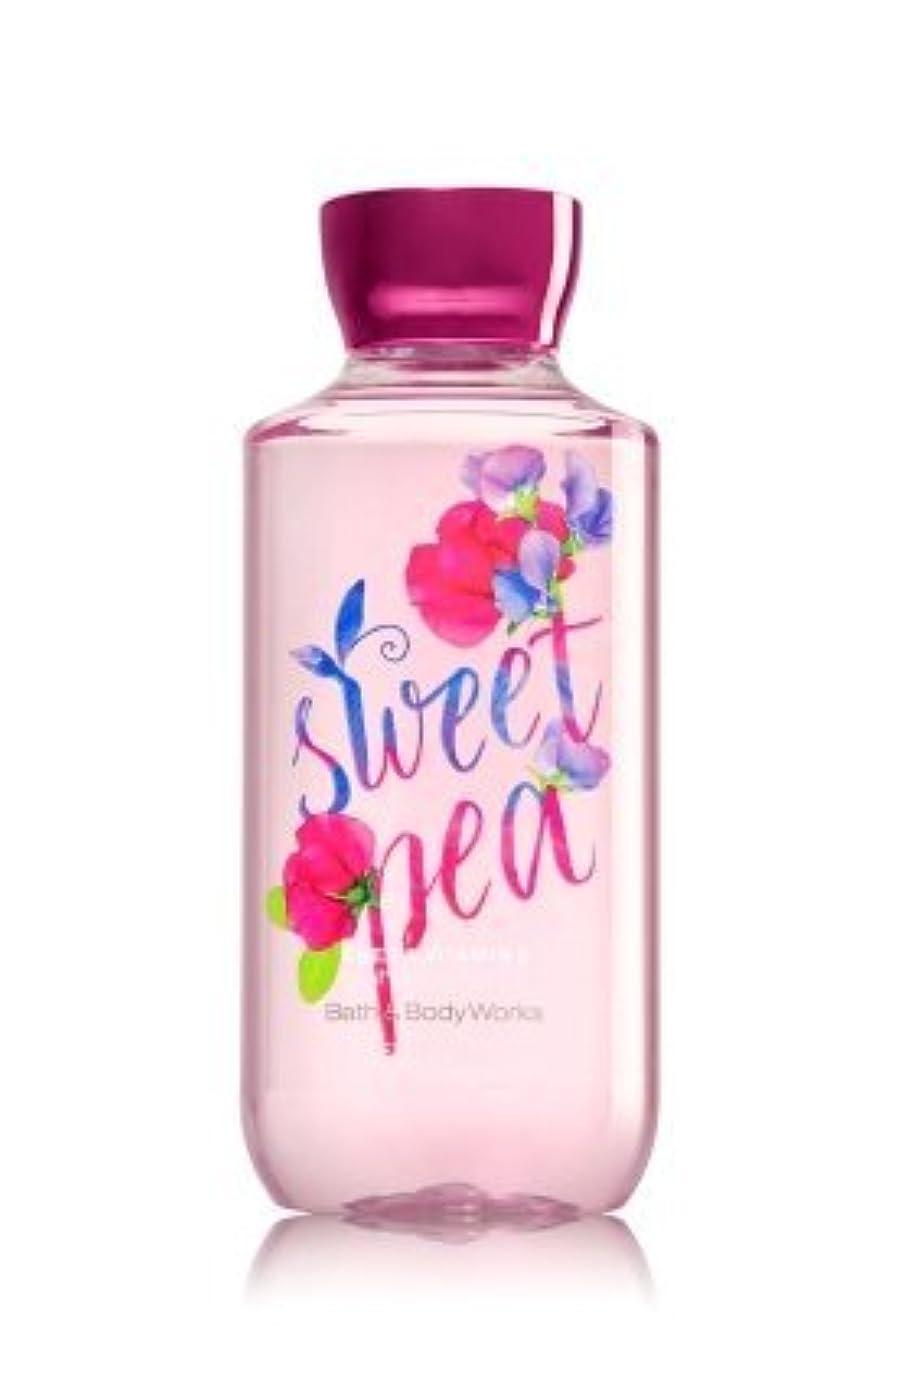 儀式読みやすい空気【Bath&Body Works/バス&ボディワークス】 シャワージェル スイートピー Shower Gel Sweet Pea 10 fl oz / 295 mL [並行輸入品]